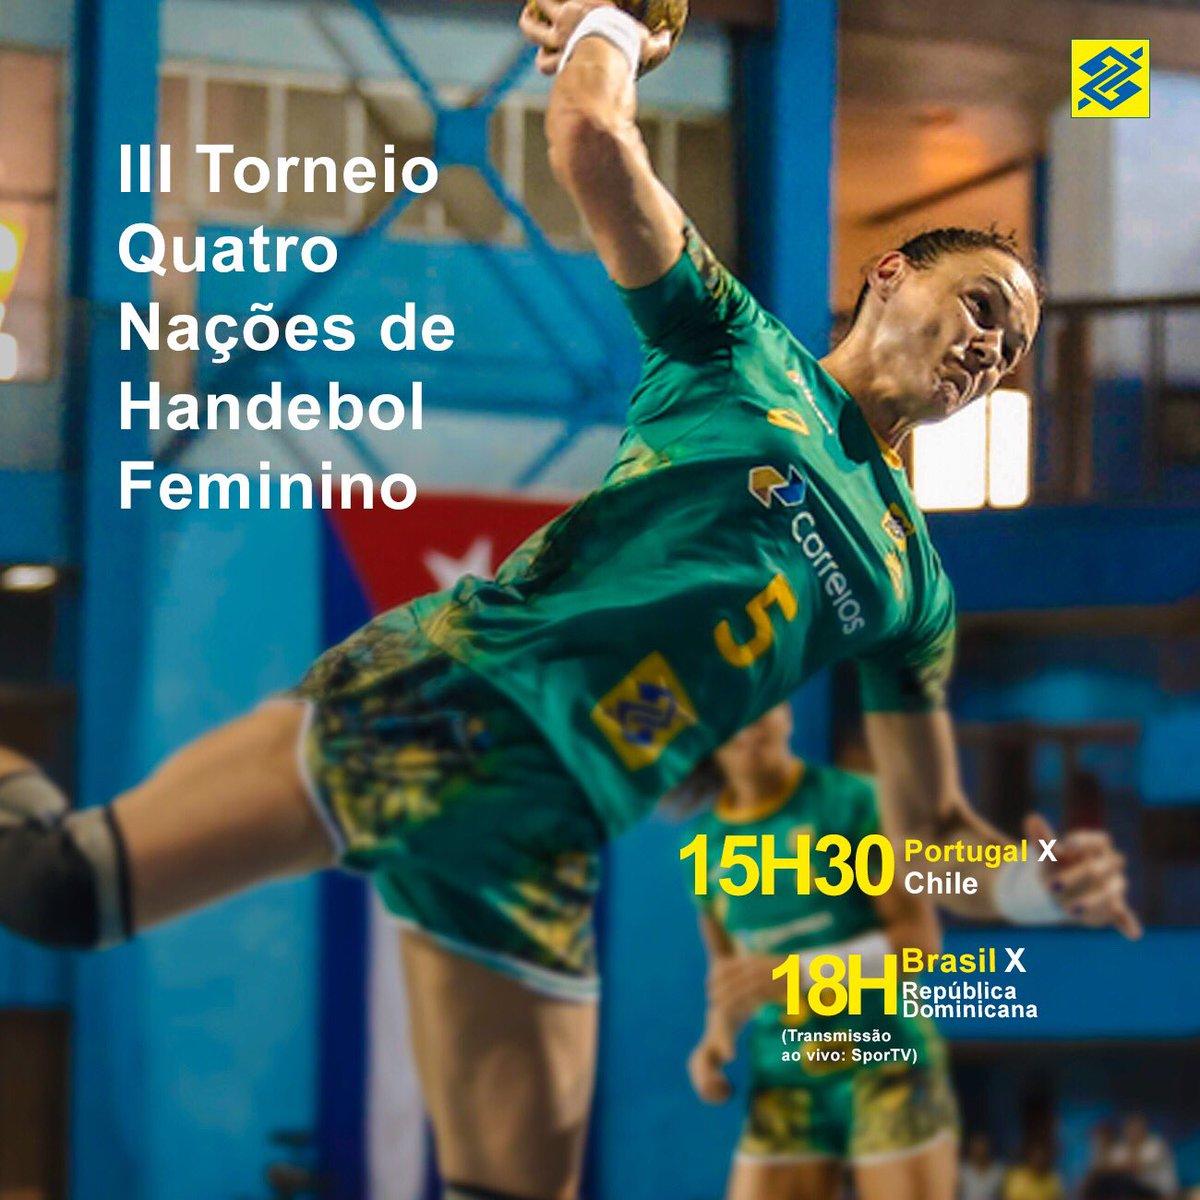 Hoje tem mais um desafio para as nossas meninas. Acompanhe ao vivo esse jogaço pelo canal SporTV. #TorcidaBrasil 🤾🏻🤾🏻🤾🏻 #4naçõesfemhand